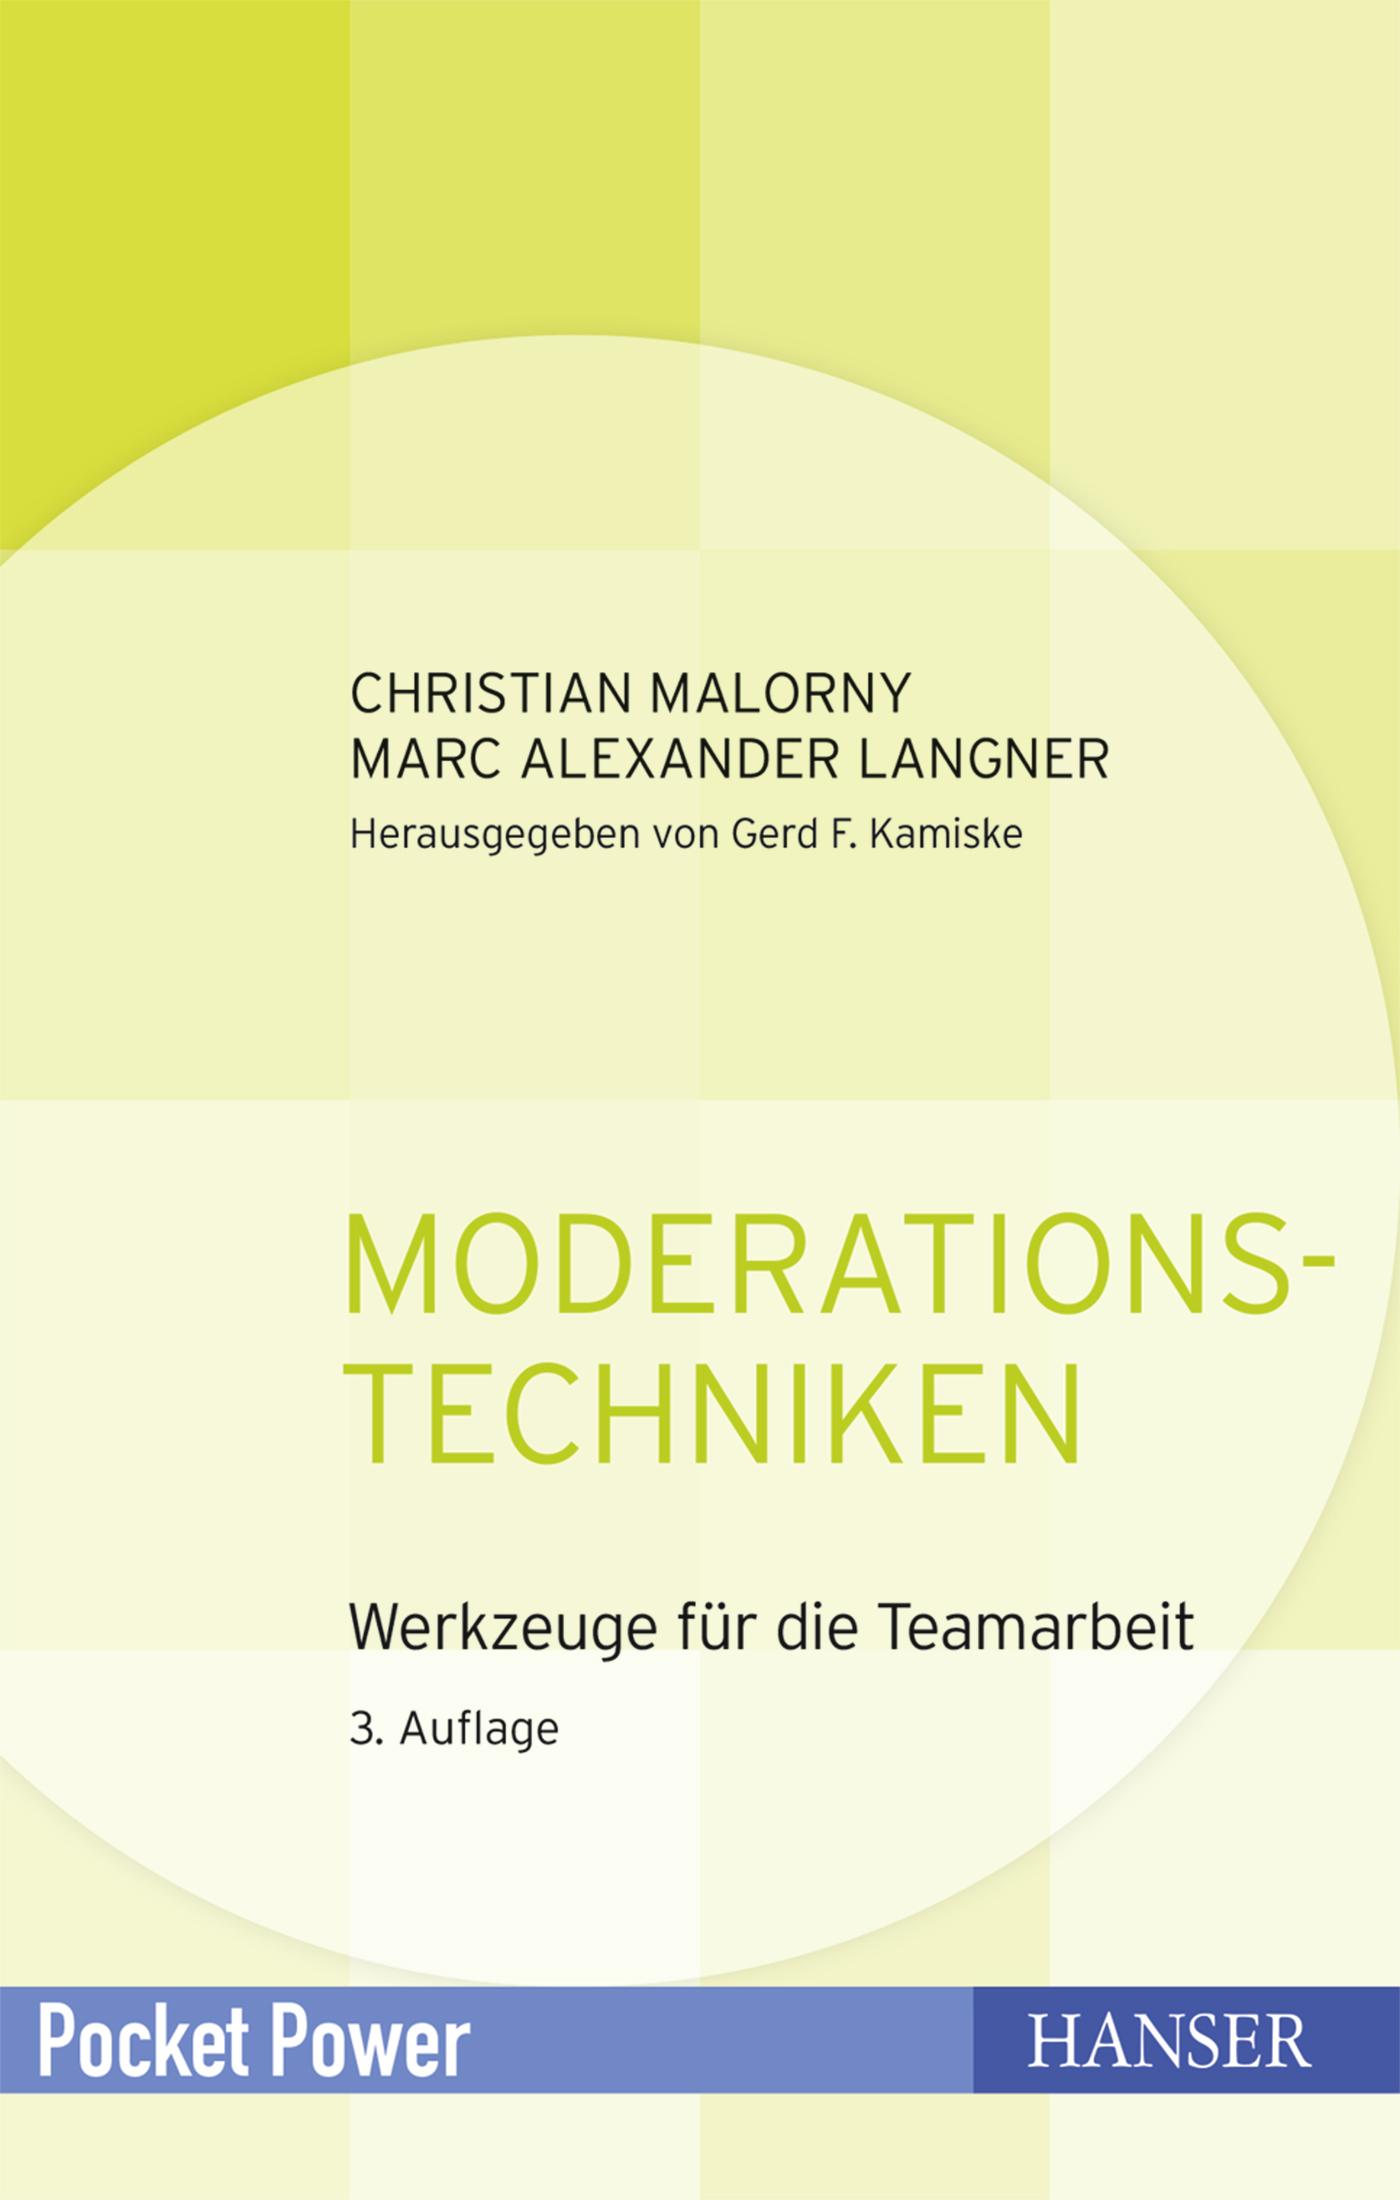 Malorny, Langner, Moderationstechniken, 978-3-446-41232-3